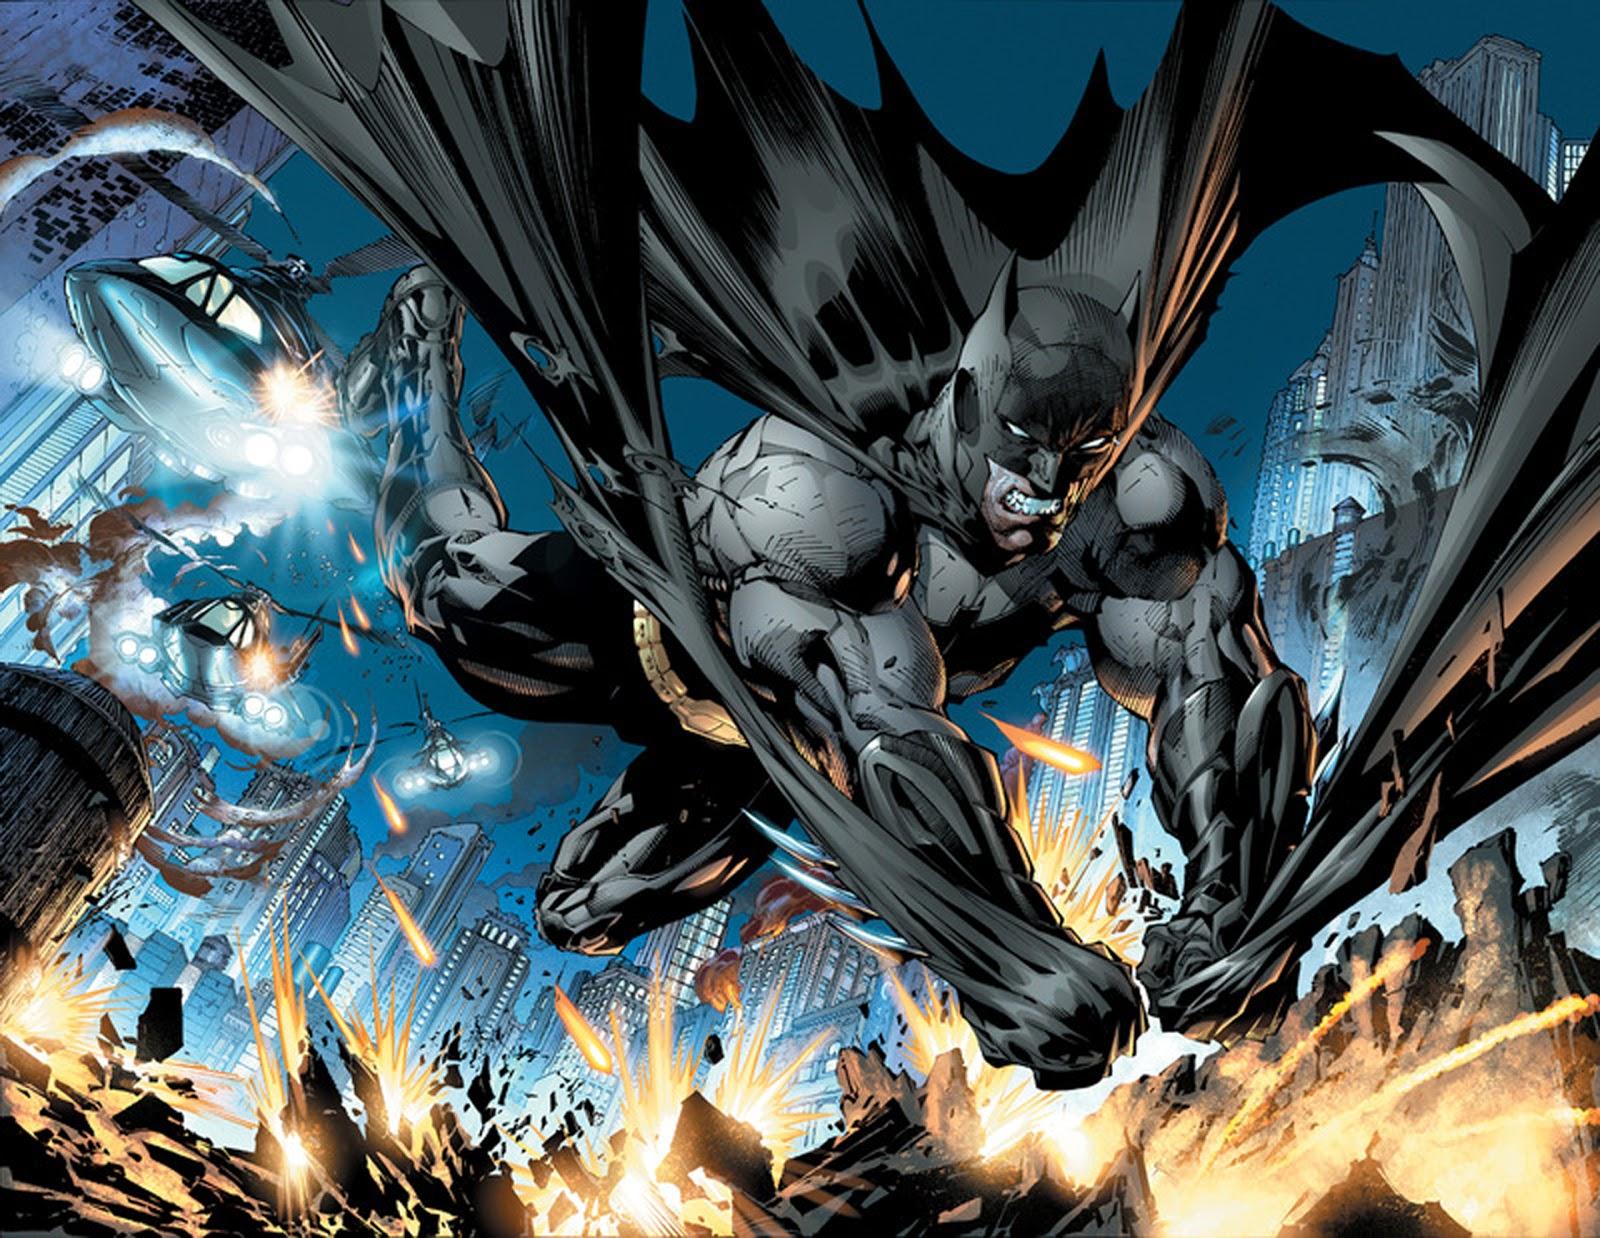 DSNG'S SCI FI MEGAVERSE: THE BEST BATMAN BEYOND COSPLAY ...New 52 Batman Beyond